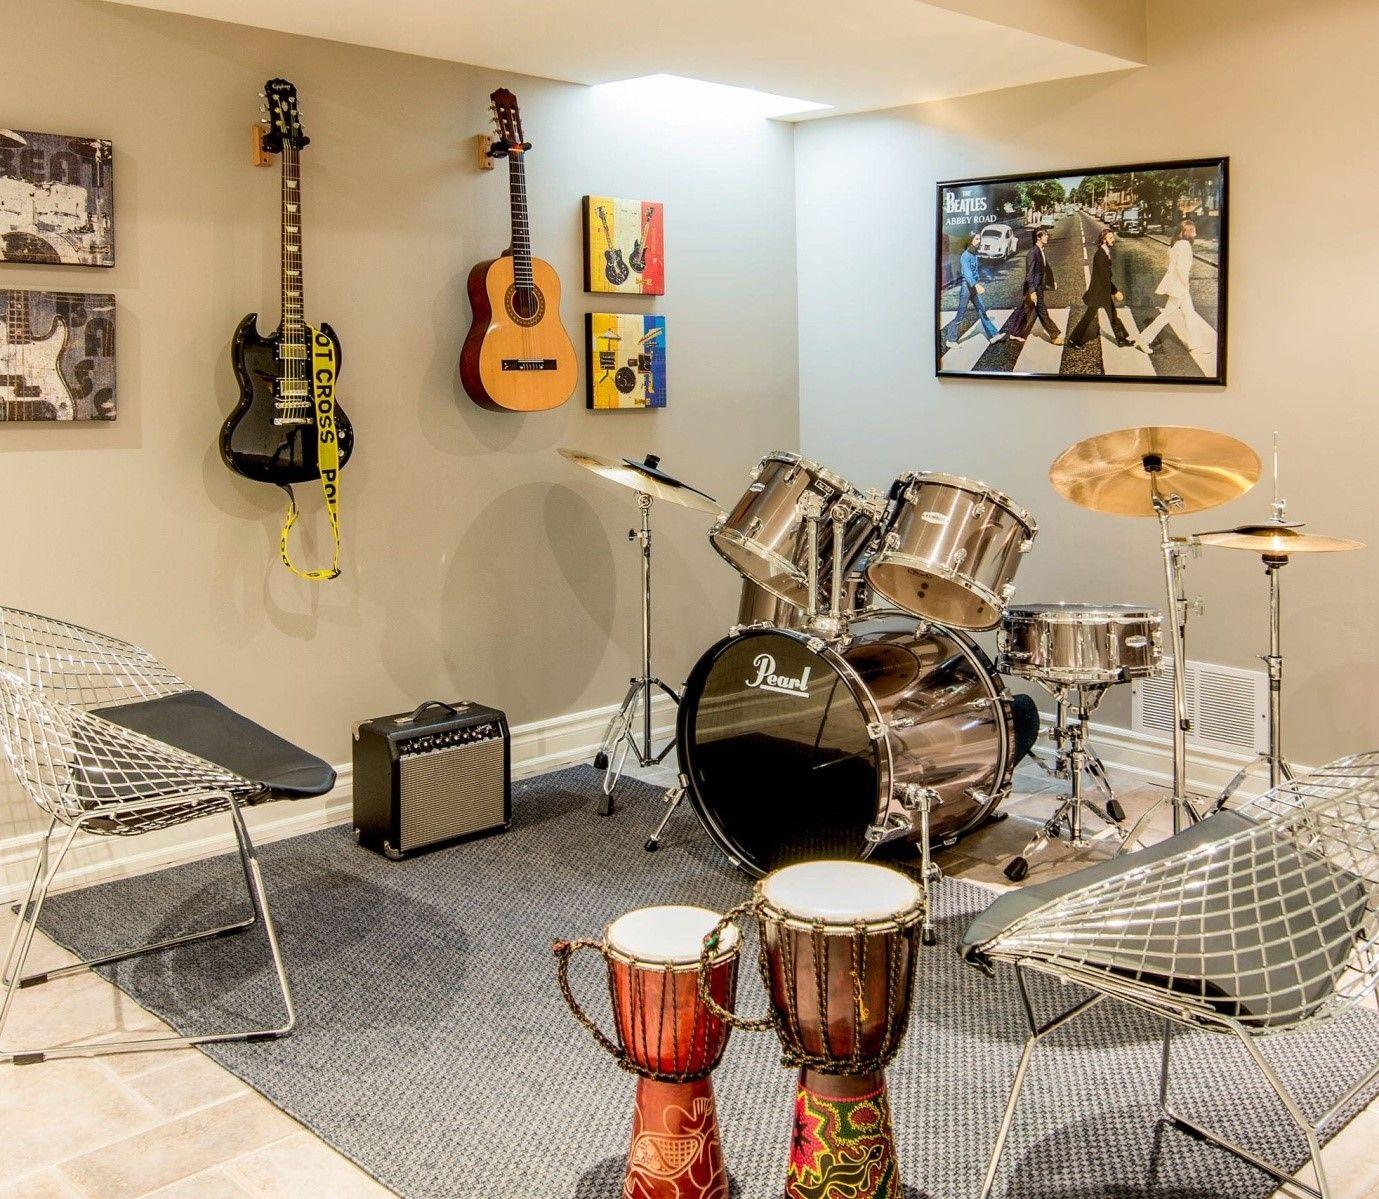 Home Design Basement Ideas: 20+ Cool Budget Basement Wall Ideas